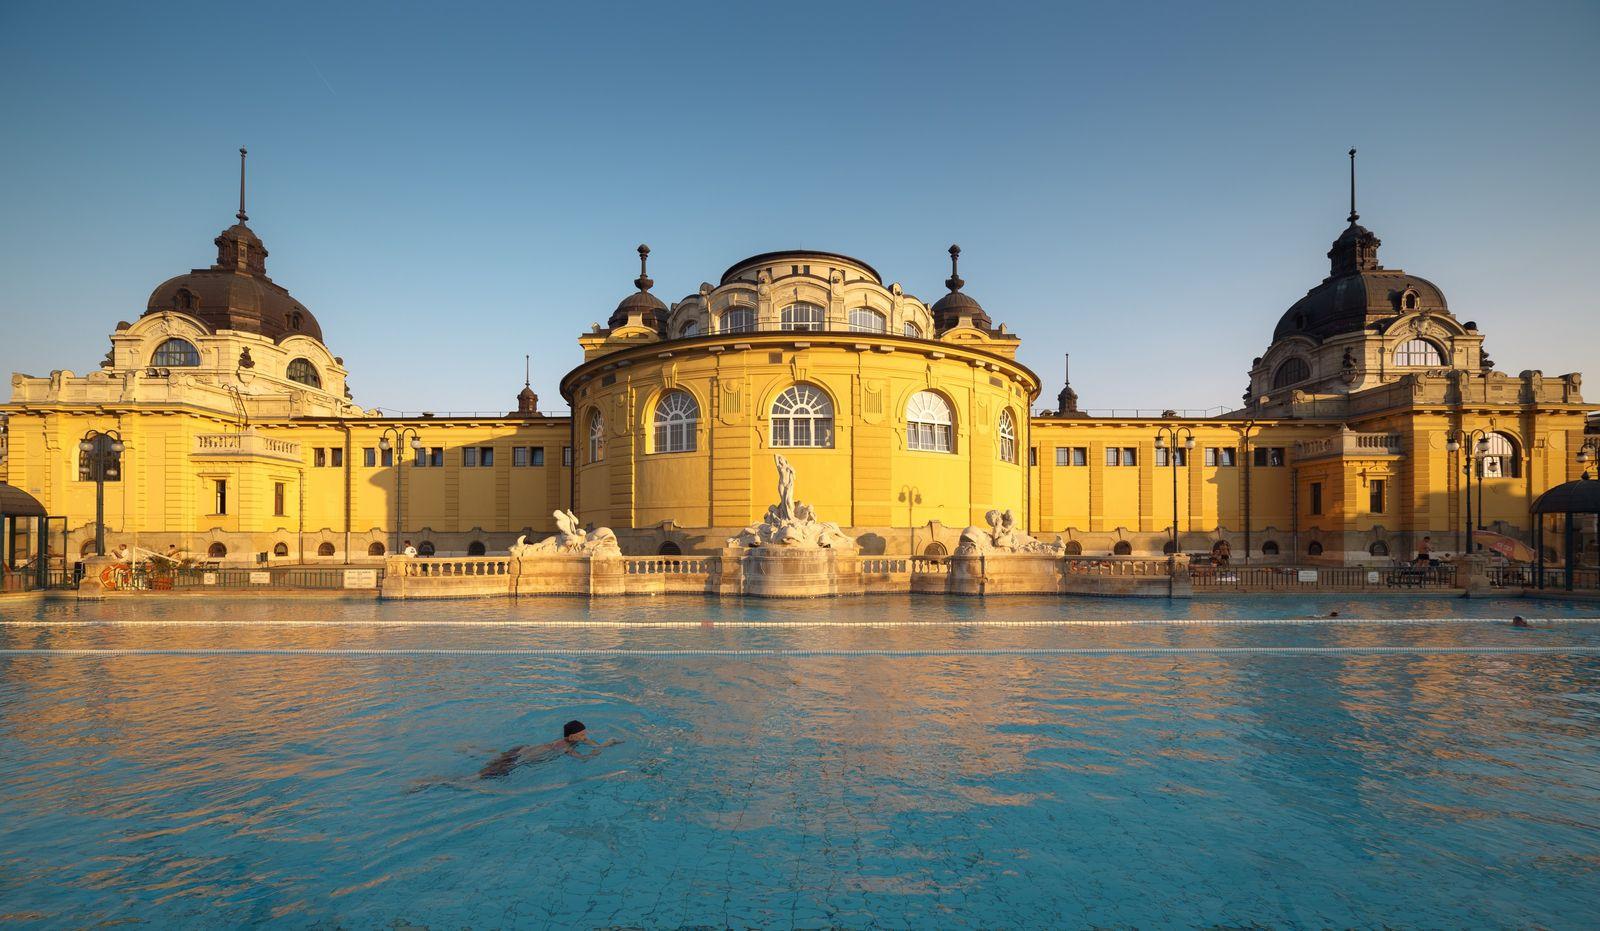 Les bains médicinaux néo-baroques Széchenyi Fürdő sont les thermes principaux de Budapest, abrités dans un bâtiment ...